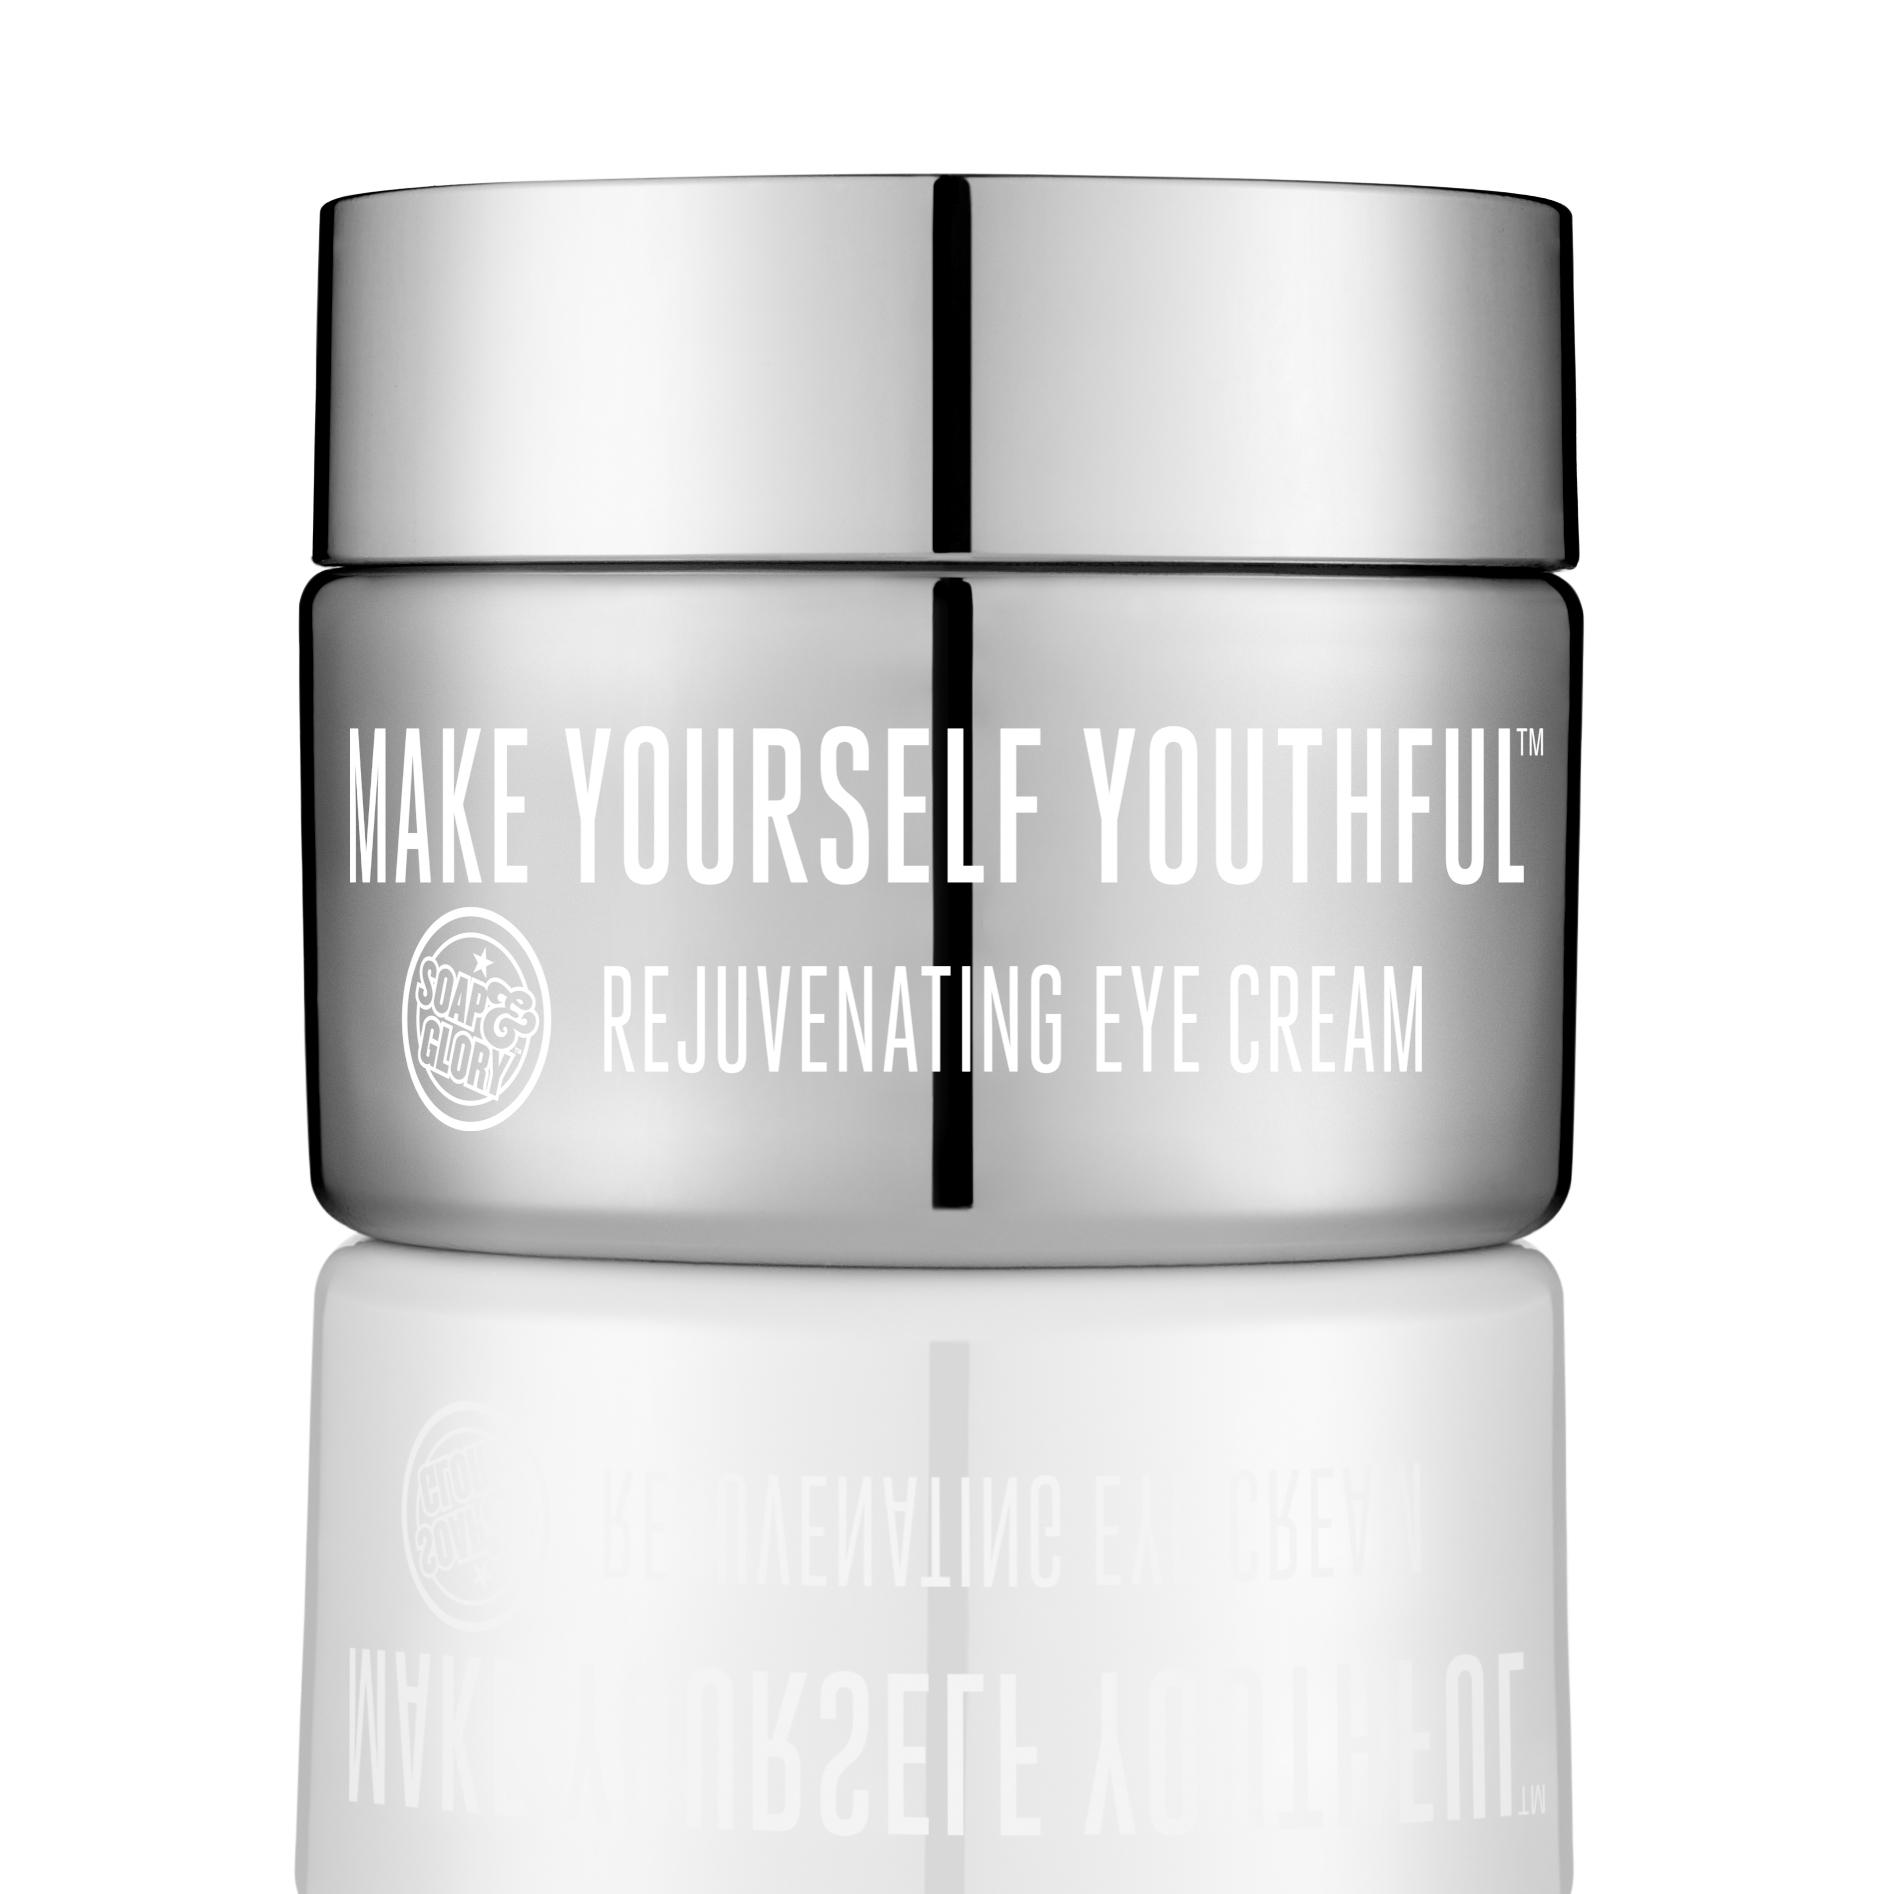 Make Yourself Youthful Rejuvenating Eye Cream